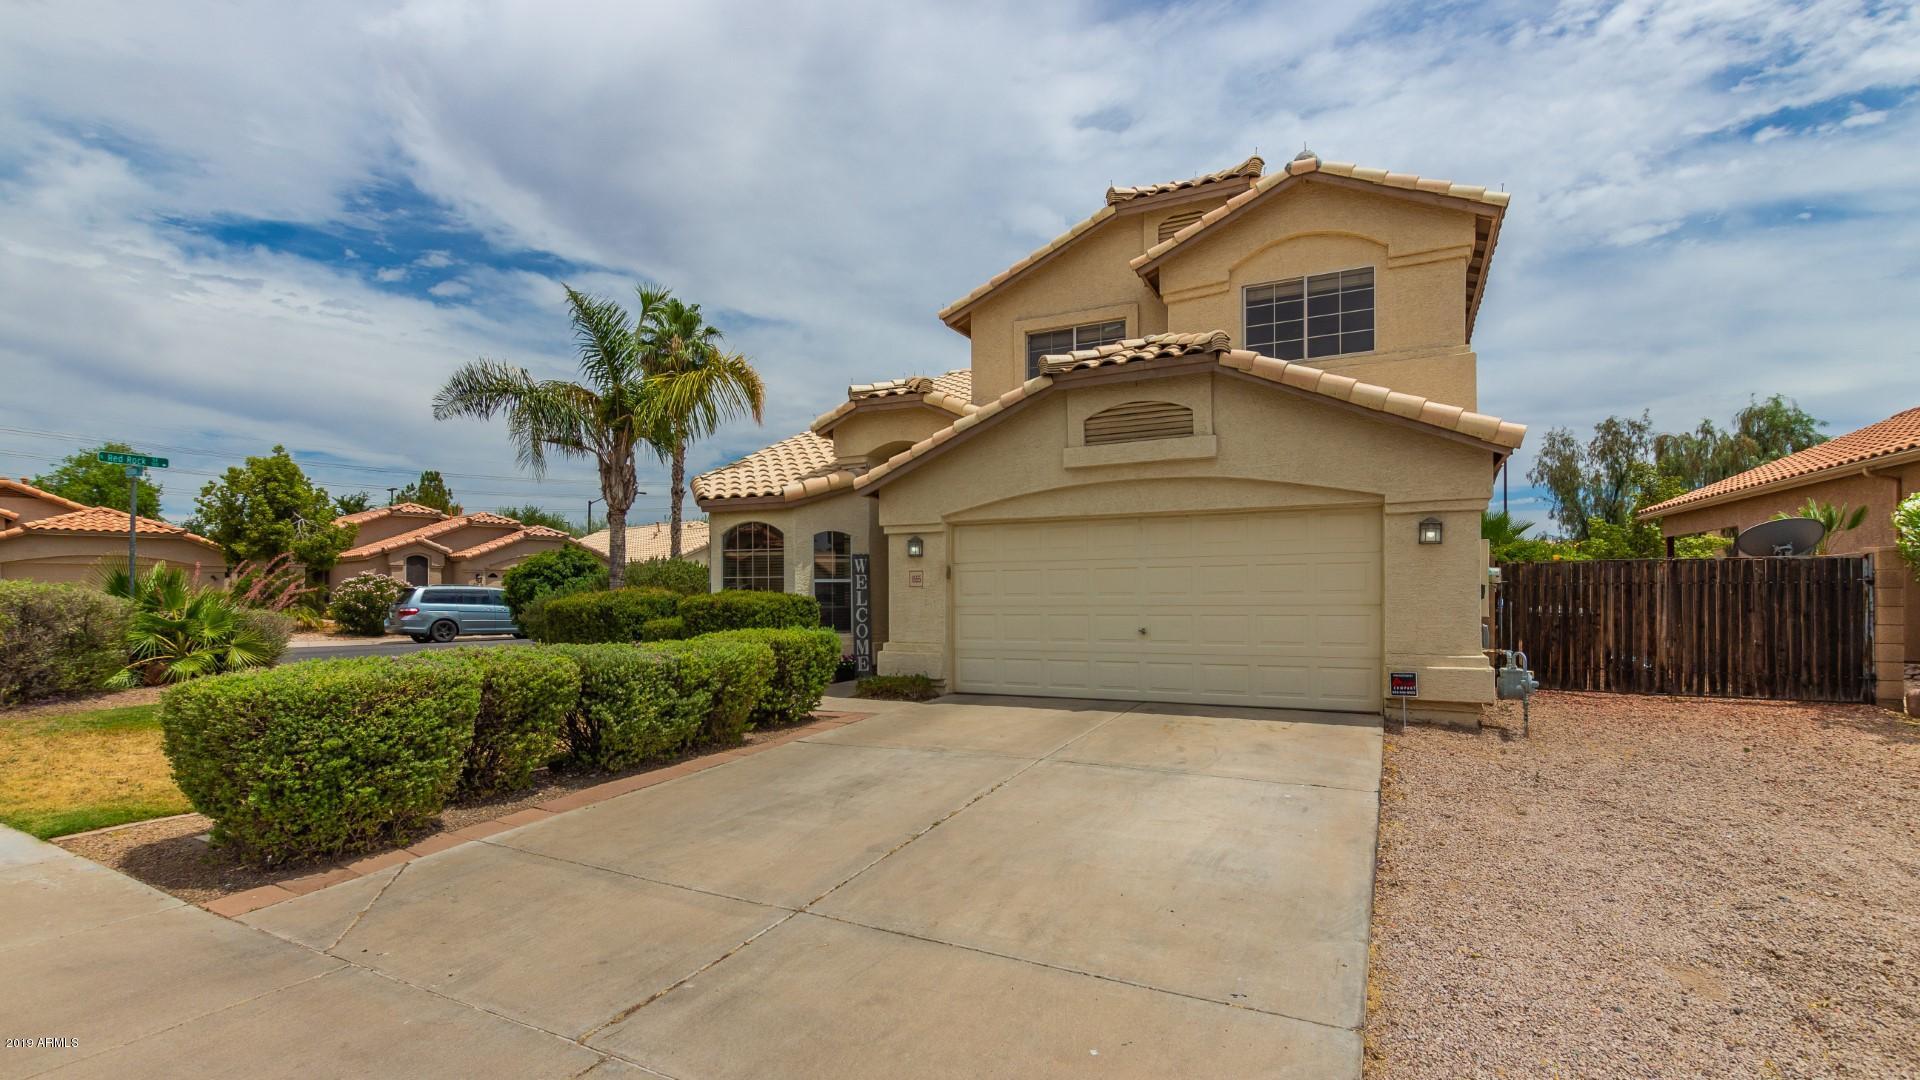 MLS 5940079 1555 E CHEYENNE Street, Gilbert, AZ 85296